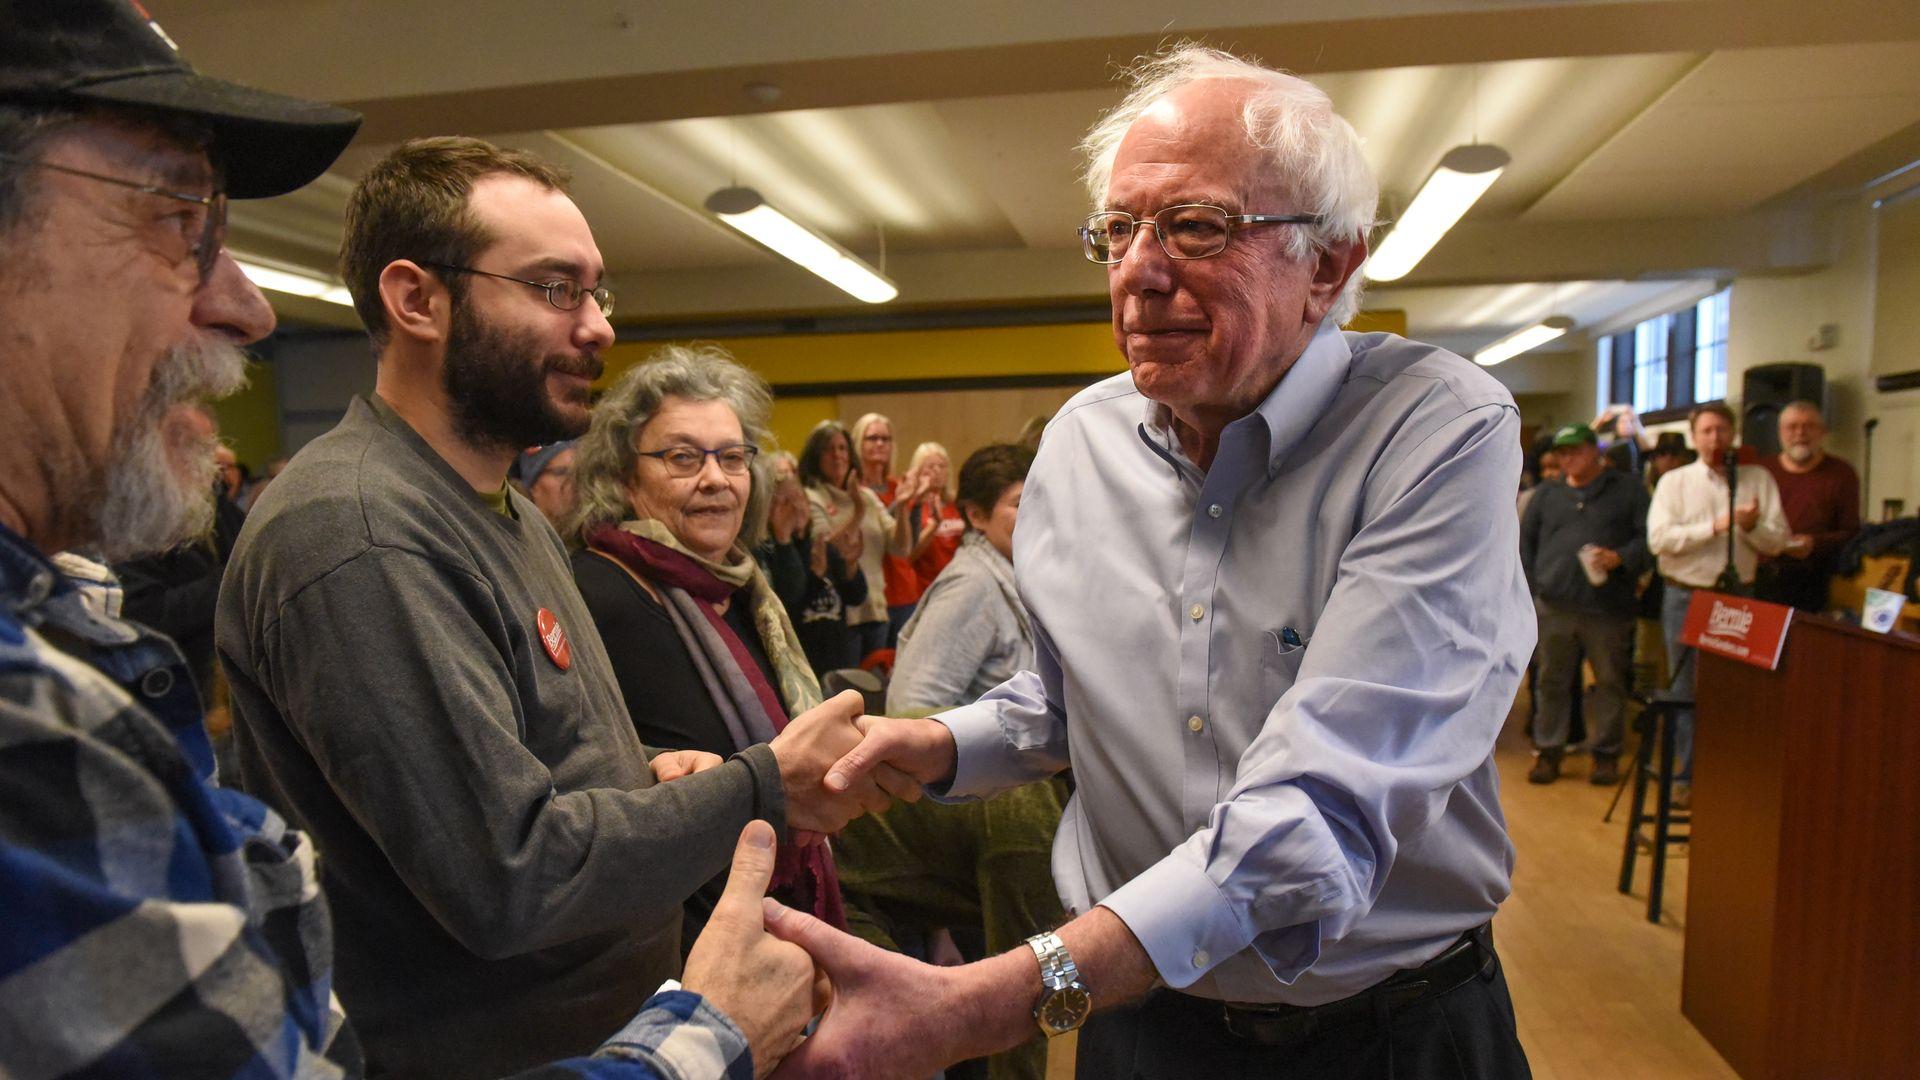 Bernie Sanders shaking hands